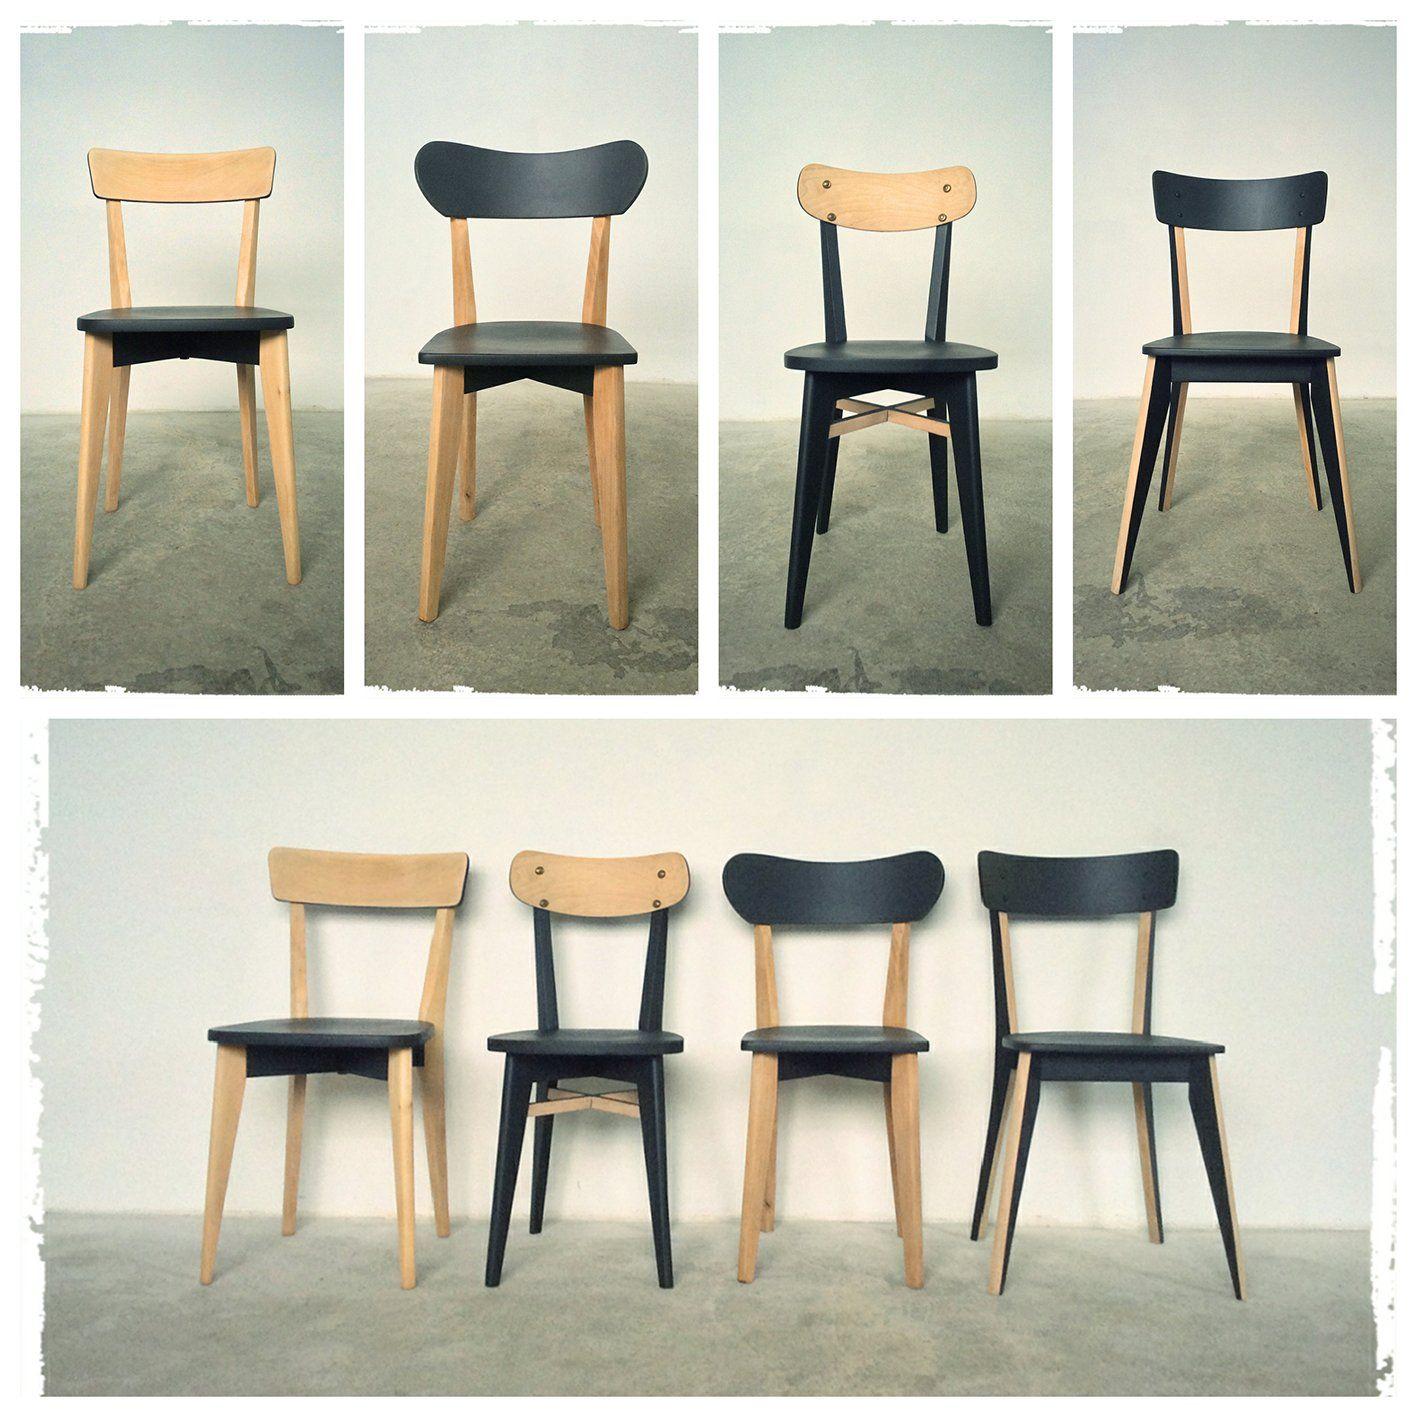 chaises vintage pieds compas dpareilles revisites oompa meubles et dcoration vintage scandinave - Chaise Vintage Scandinave